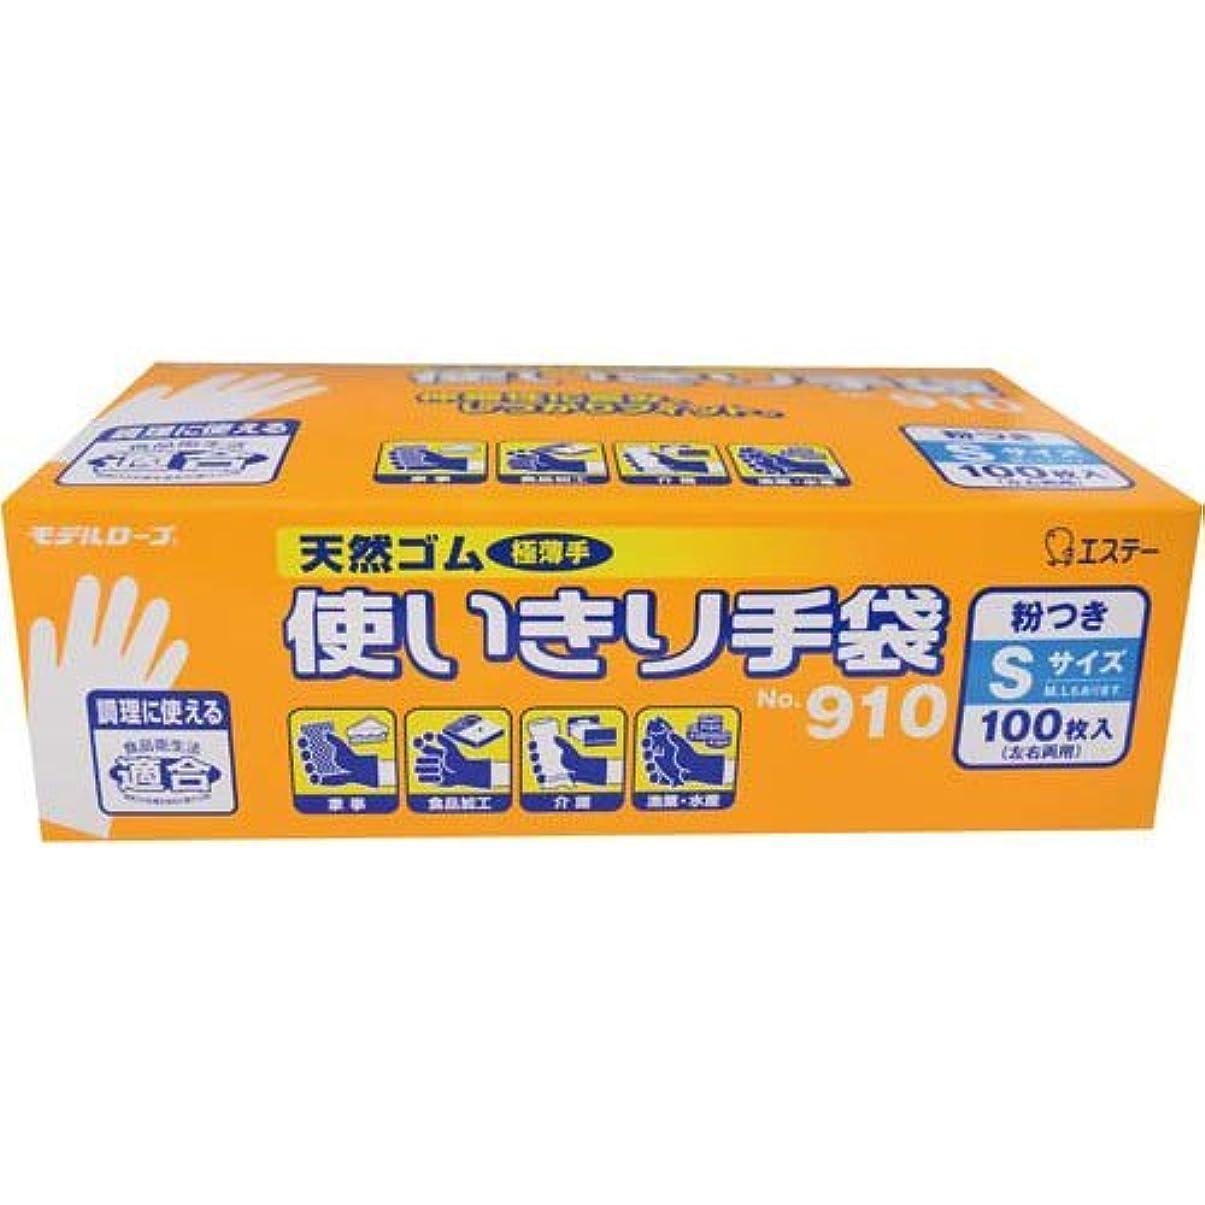 肉敵対的バンクエステー 天然ゴム使いきり手袋No.910 S100枚入×5